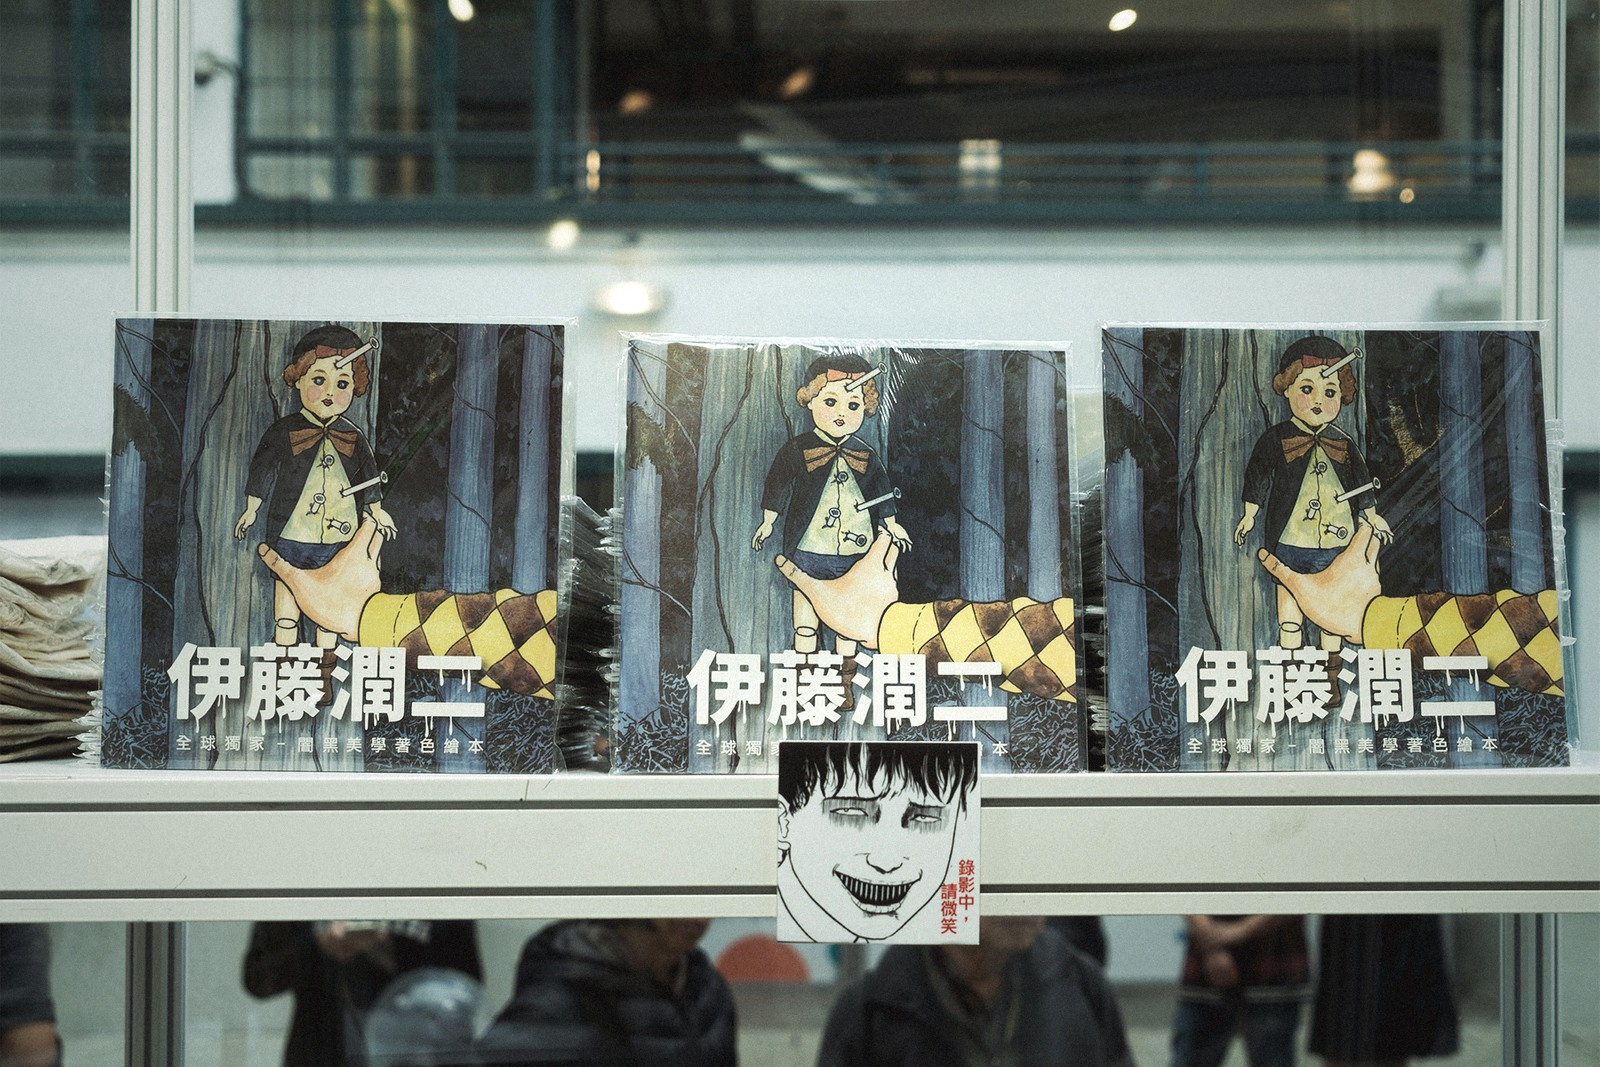 走進《伊藤潤二恐怖美學體驗》個展香港站